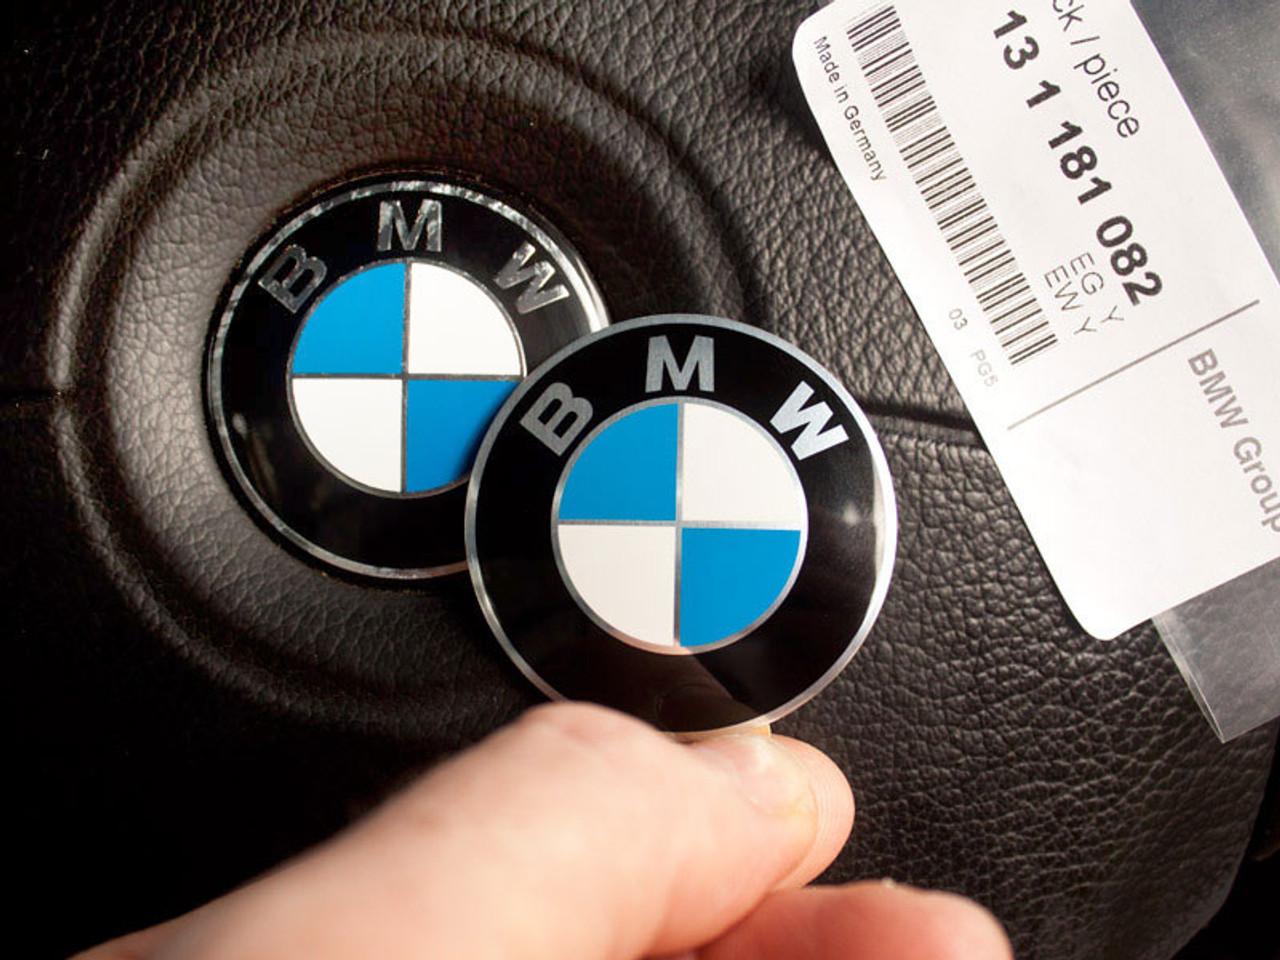 Genuine BMW Steering Wheel Airbag Roundel Emblem, 45mm Self-Adhesive